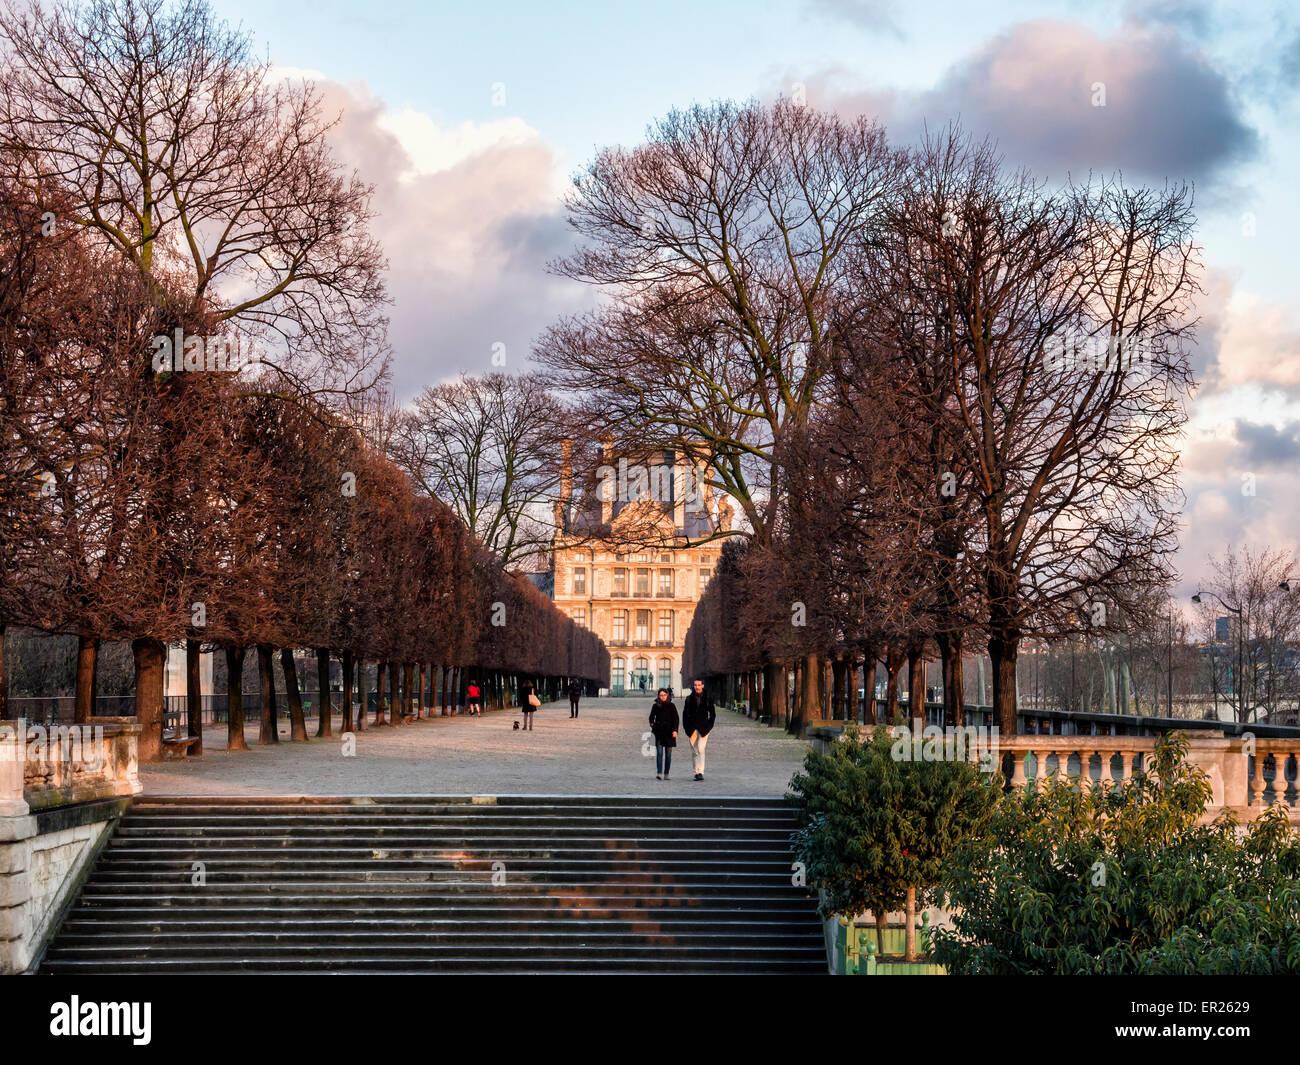 Terrasse du bord de l'Eau, gente caminando a lo largo de la terraza arbolada que conduce a los Jardines Tuileries, El Louvre, París Foto de stock